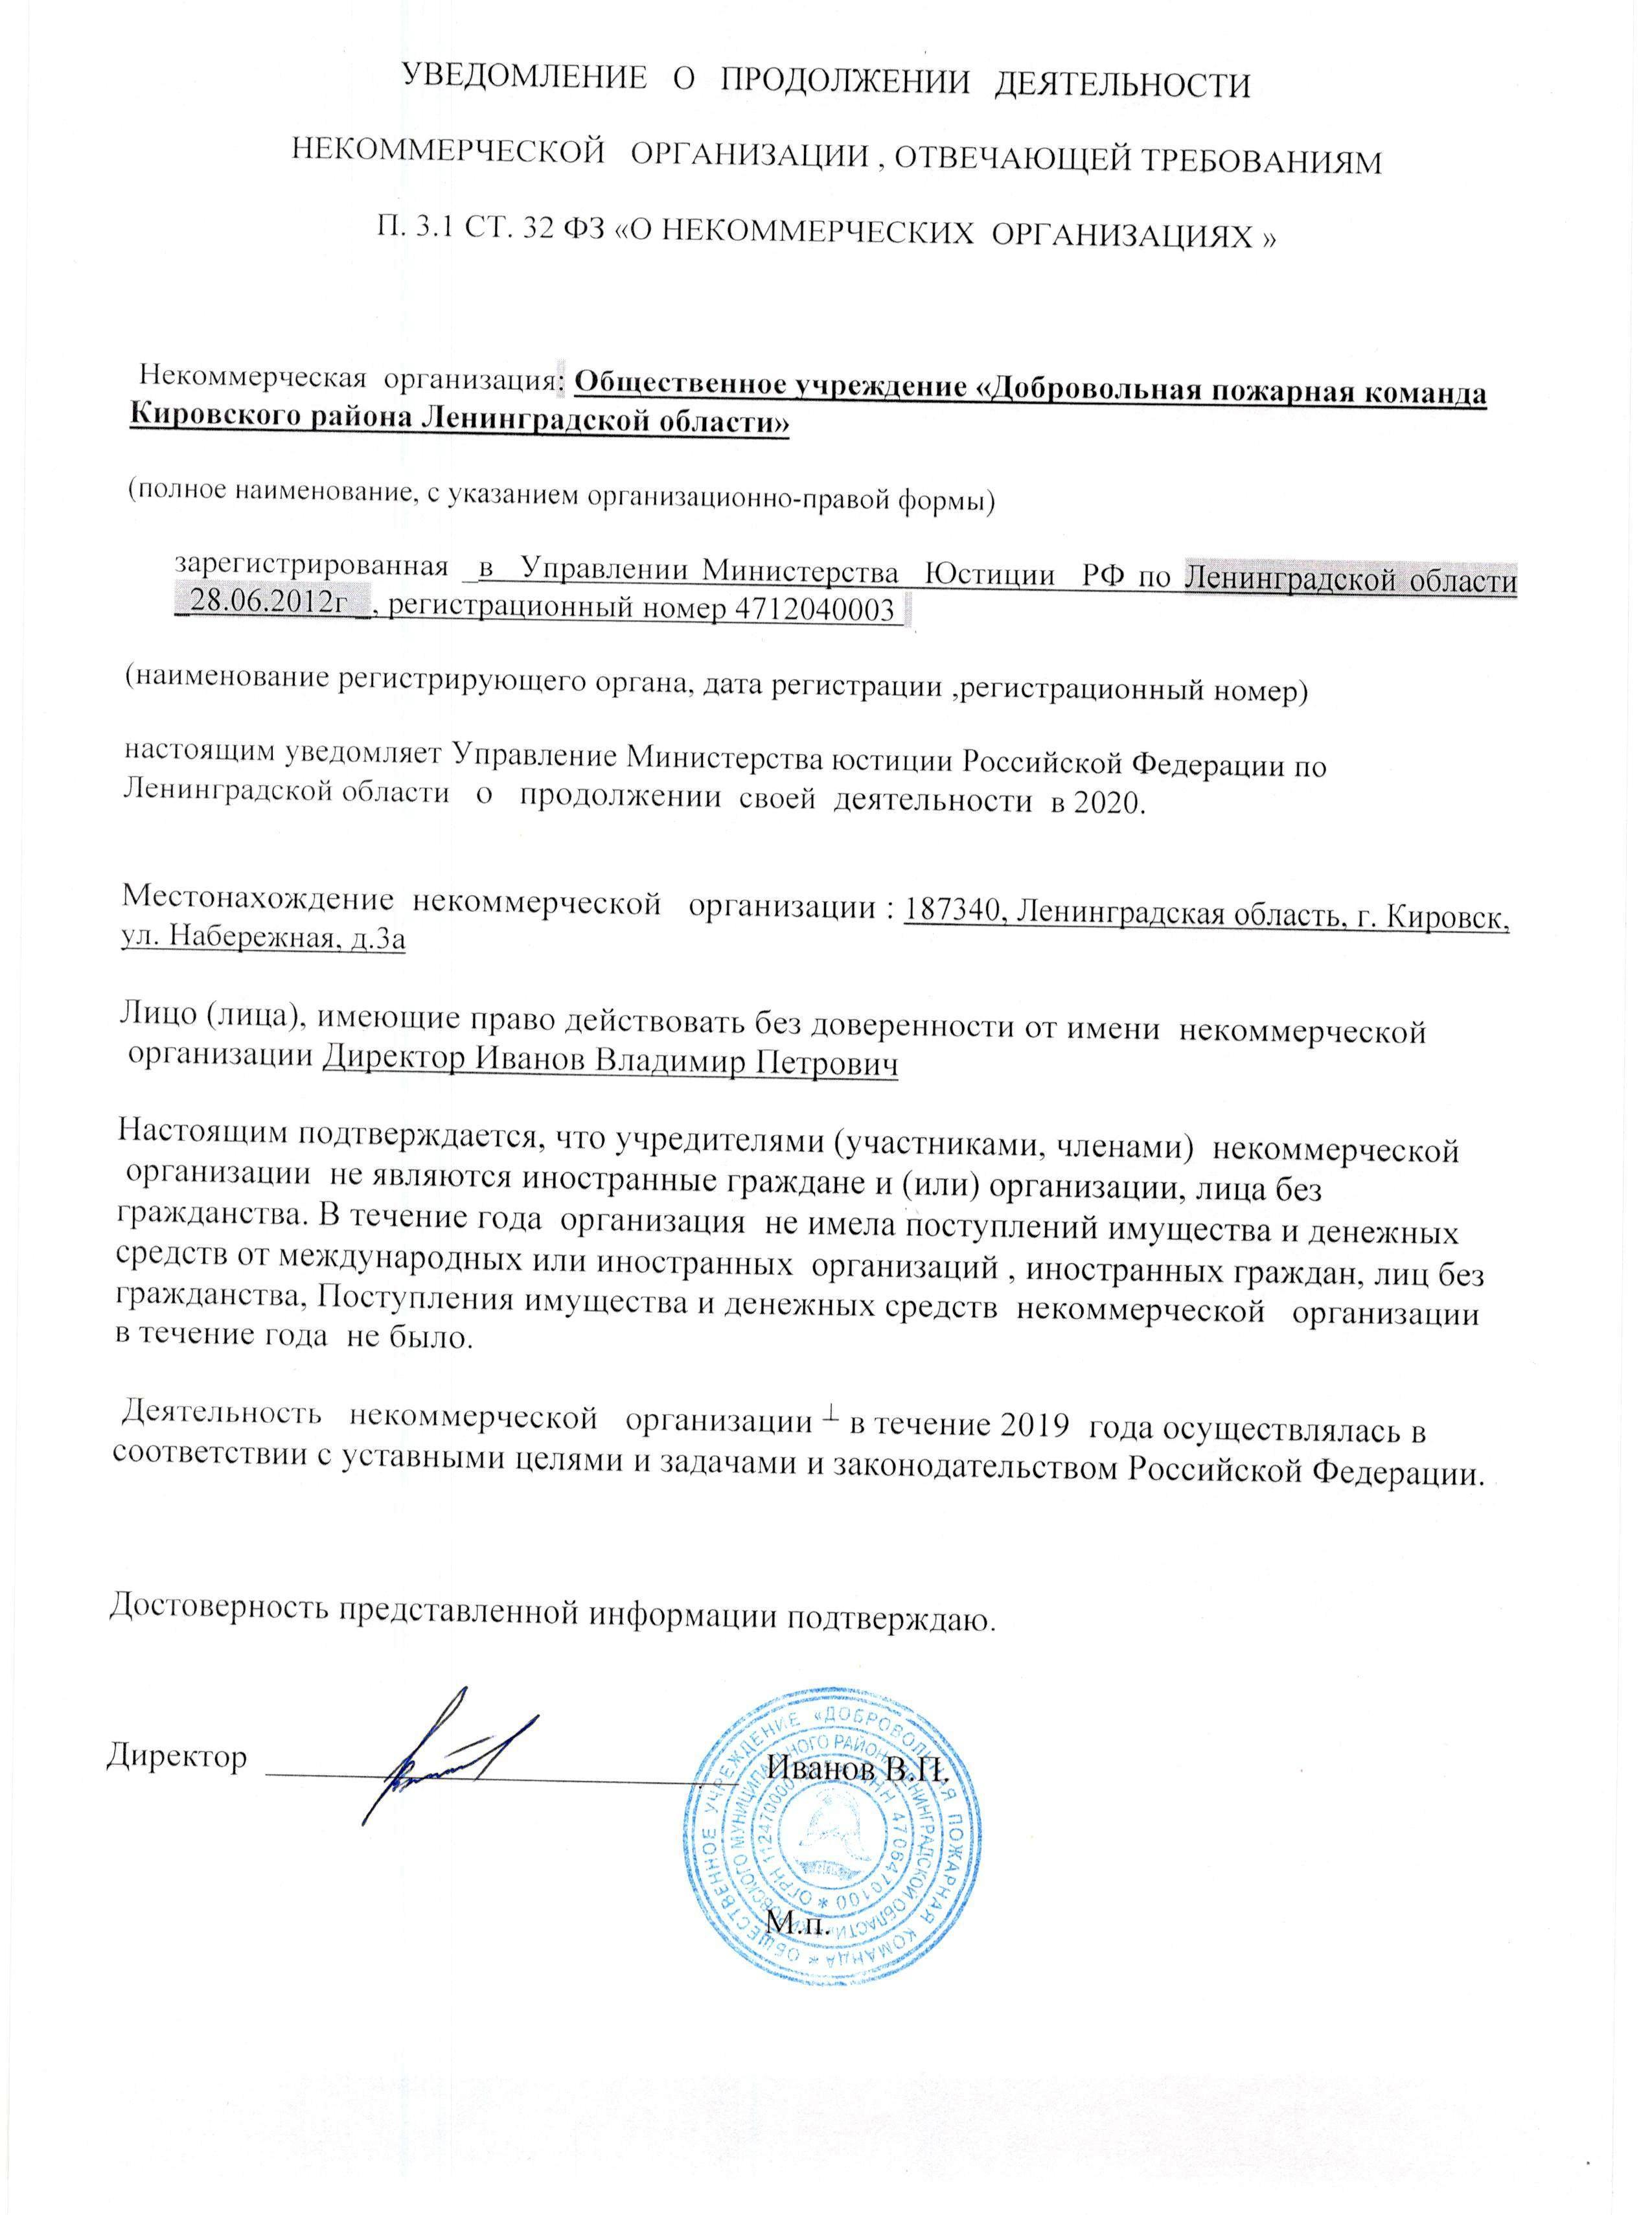 kir-vdpo-ru_o-prodolzhenii-deiatelnosti-dpk-kirovskogo-raiona-_1.jpg